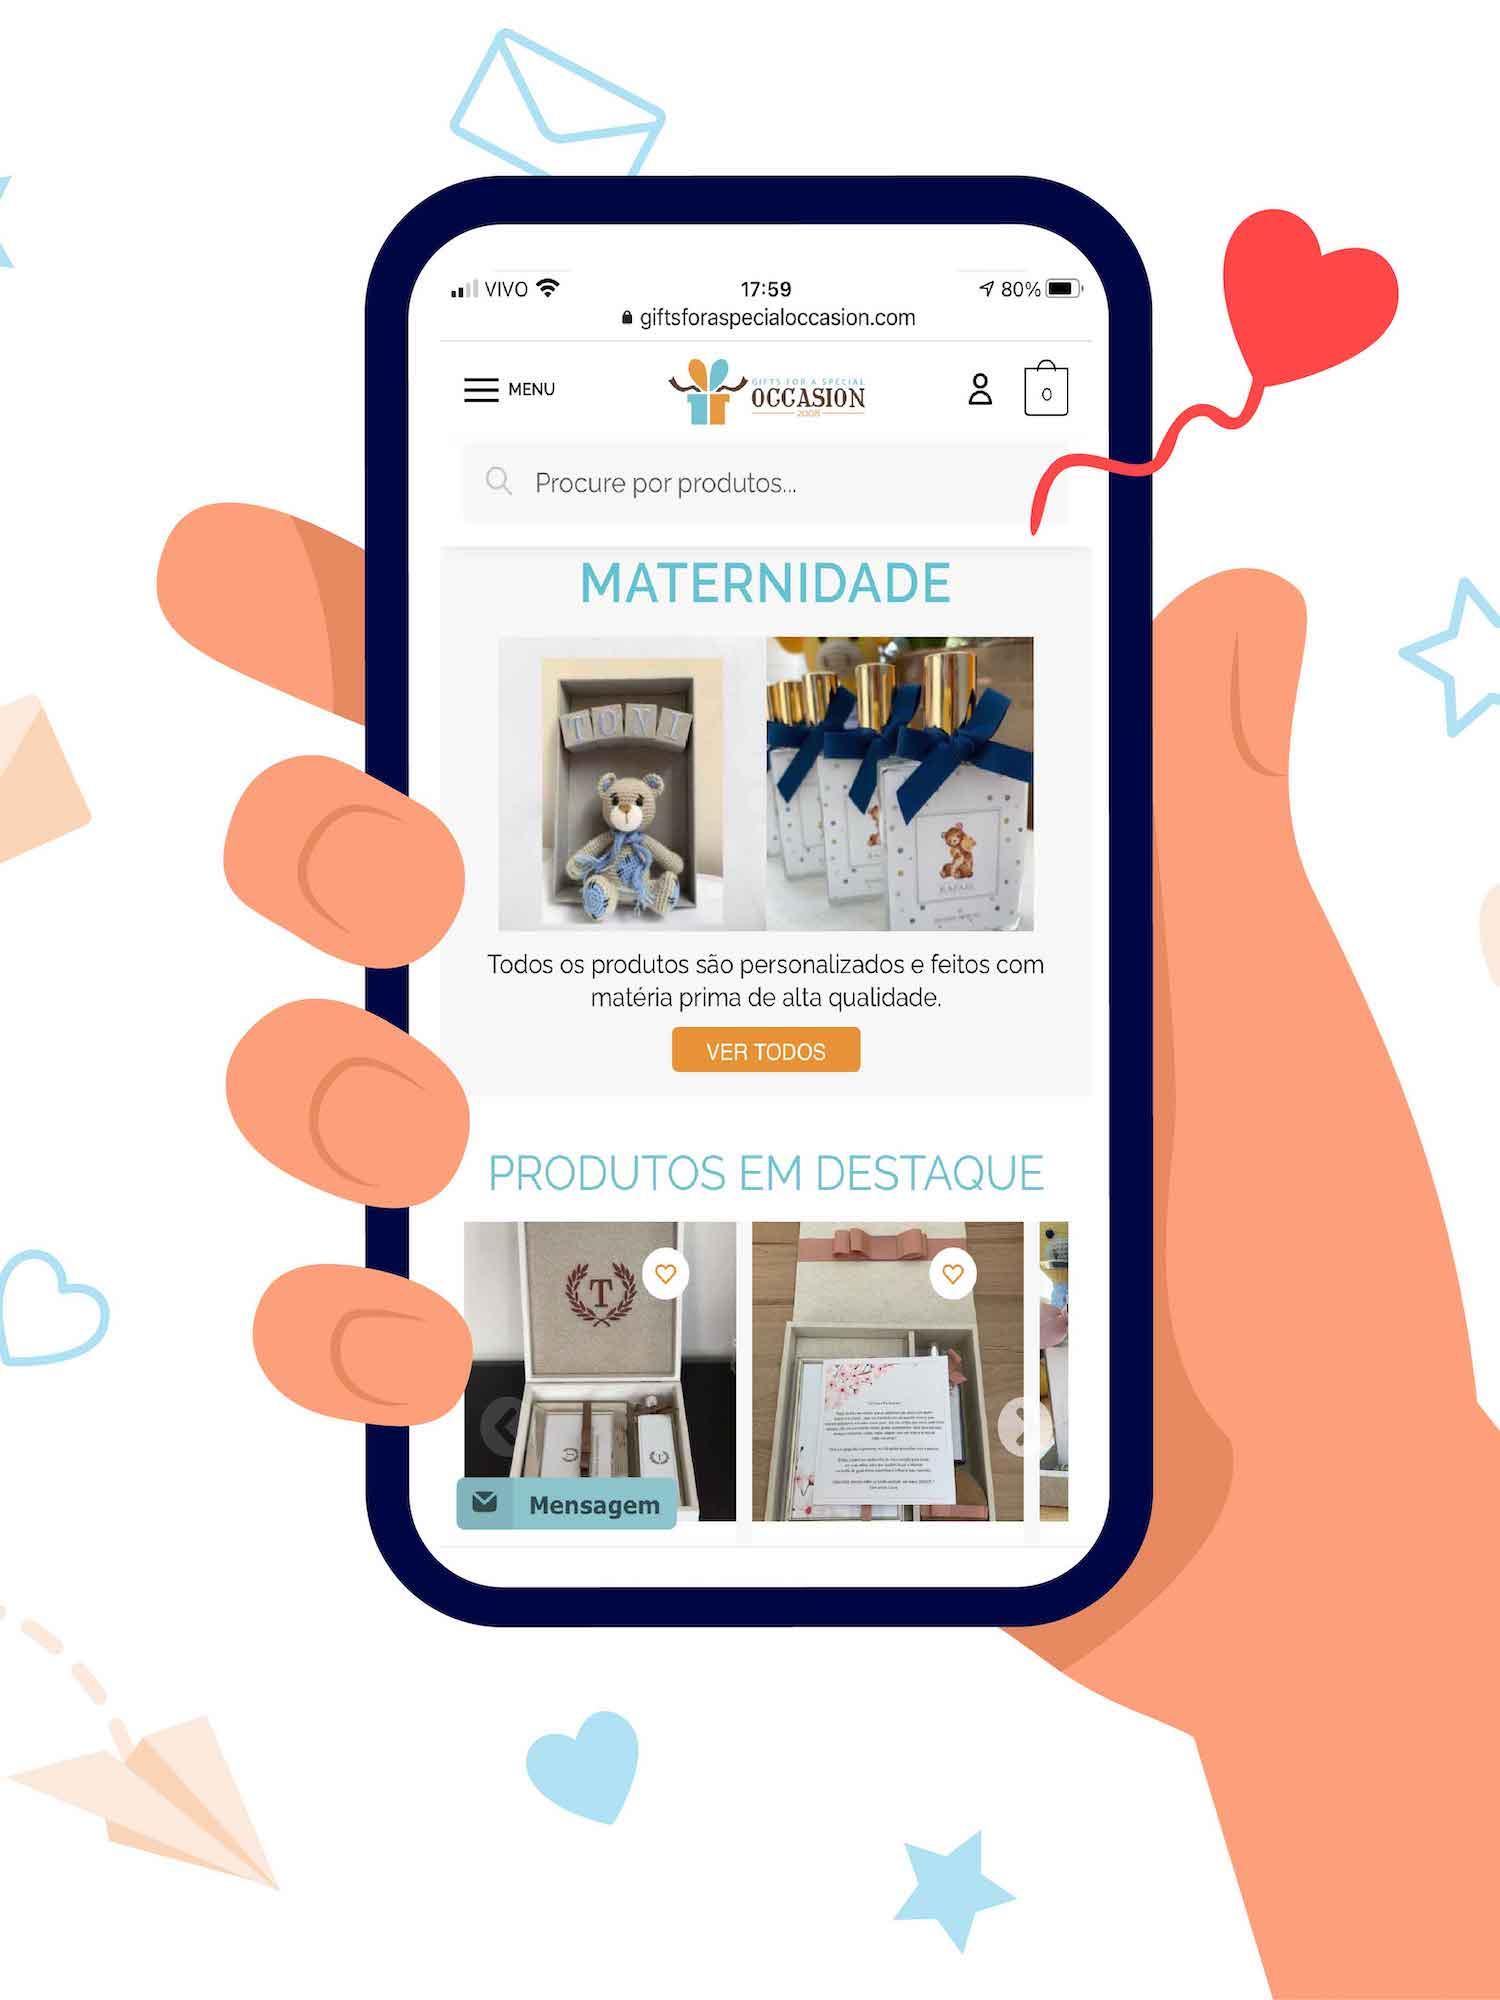 mao segurando celular com o nosso site na pagina de maternidade